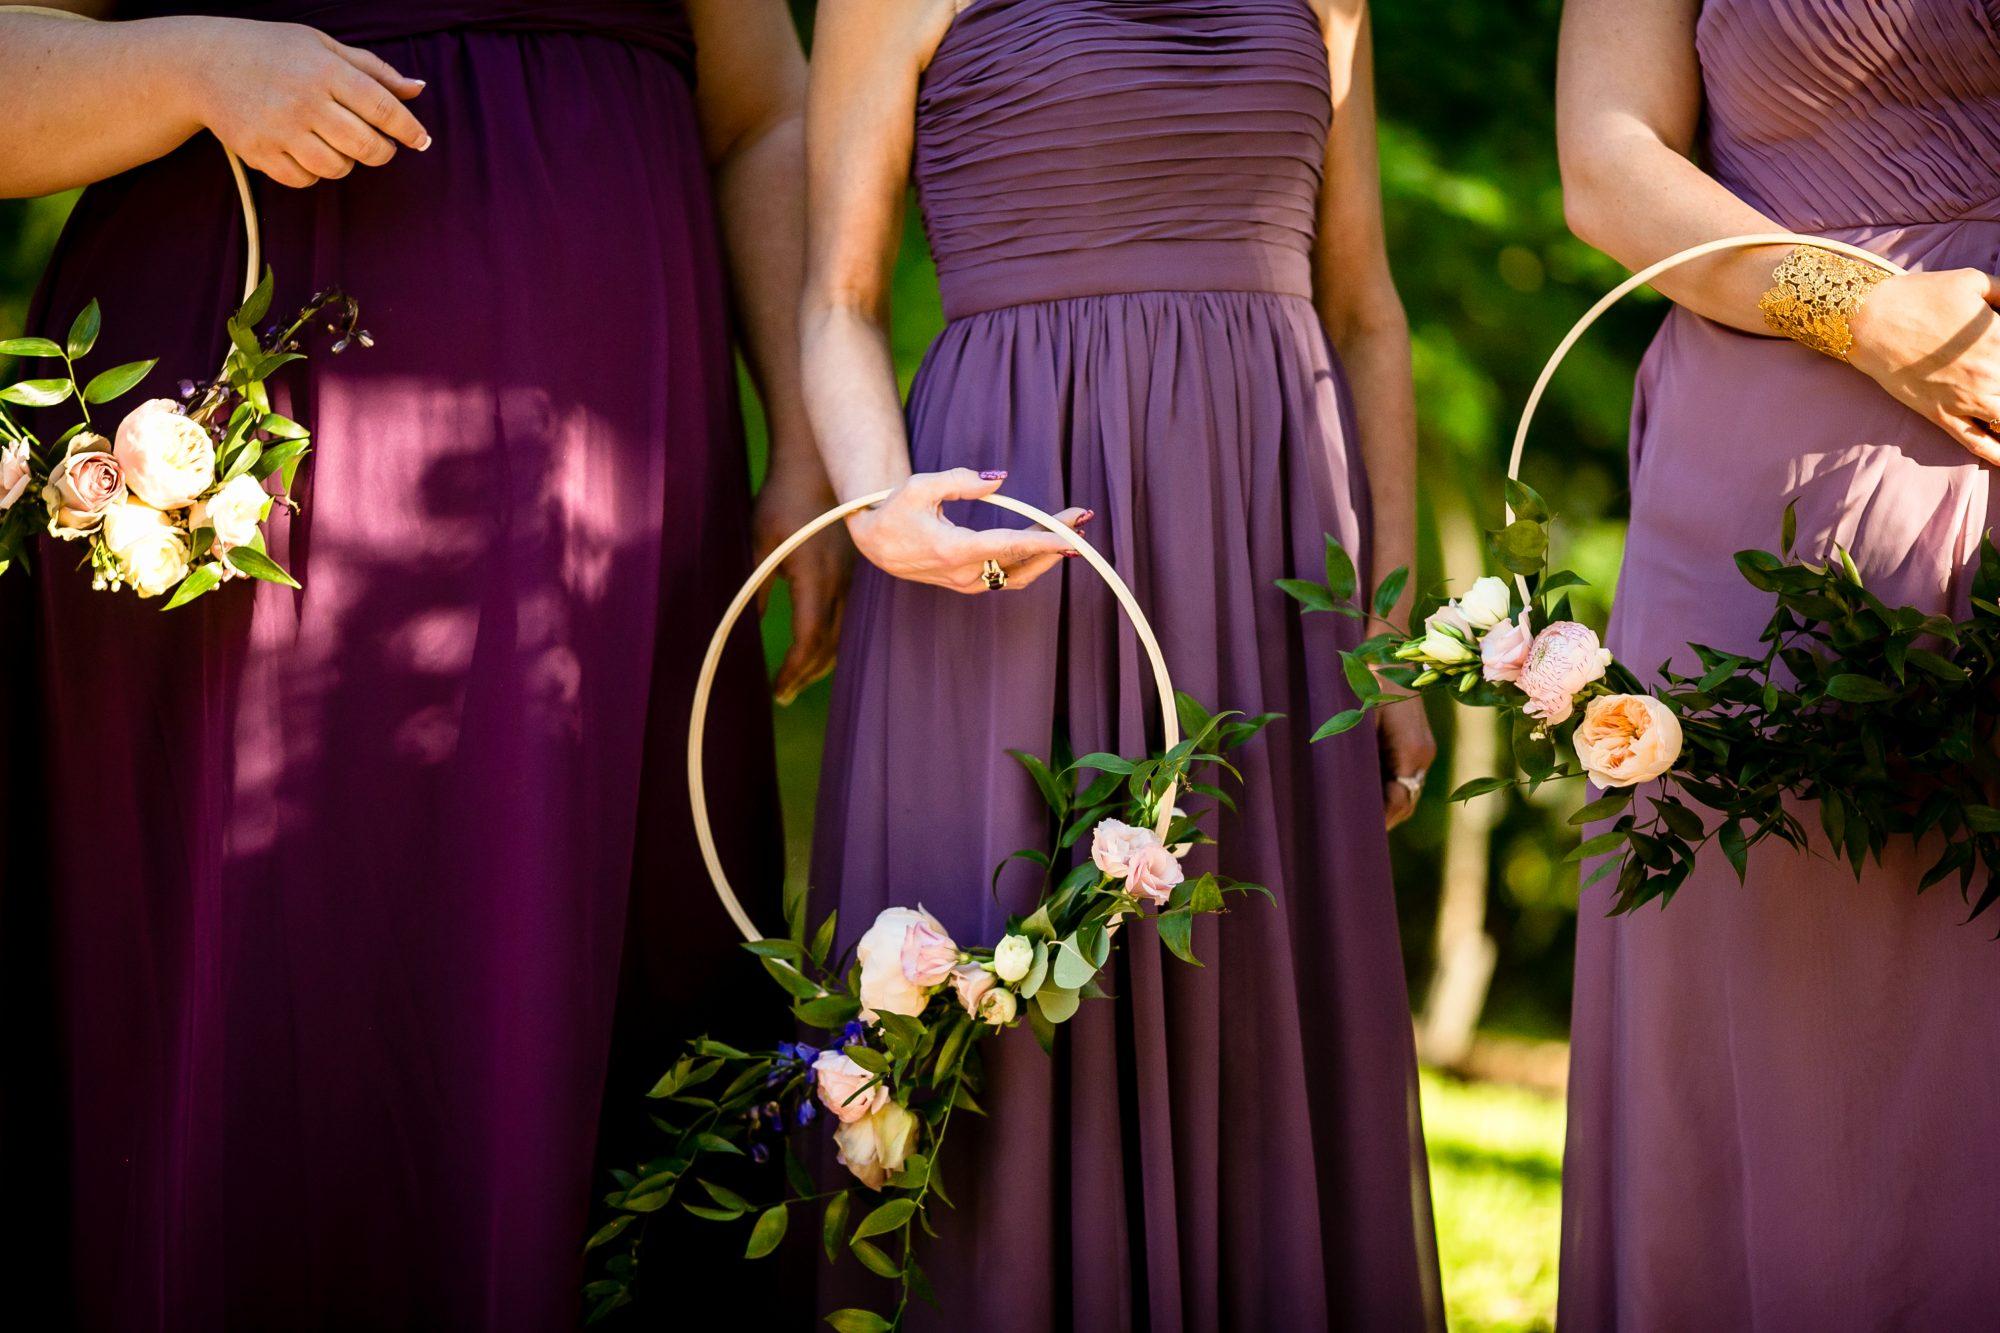 Flower Bouquet Alternatives